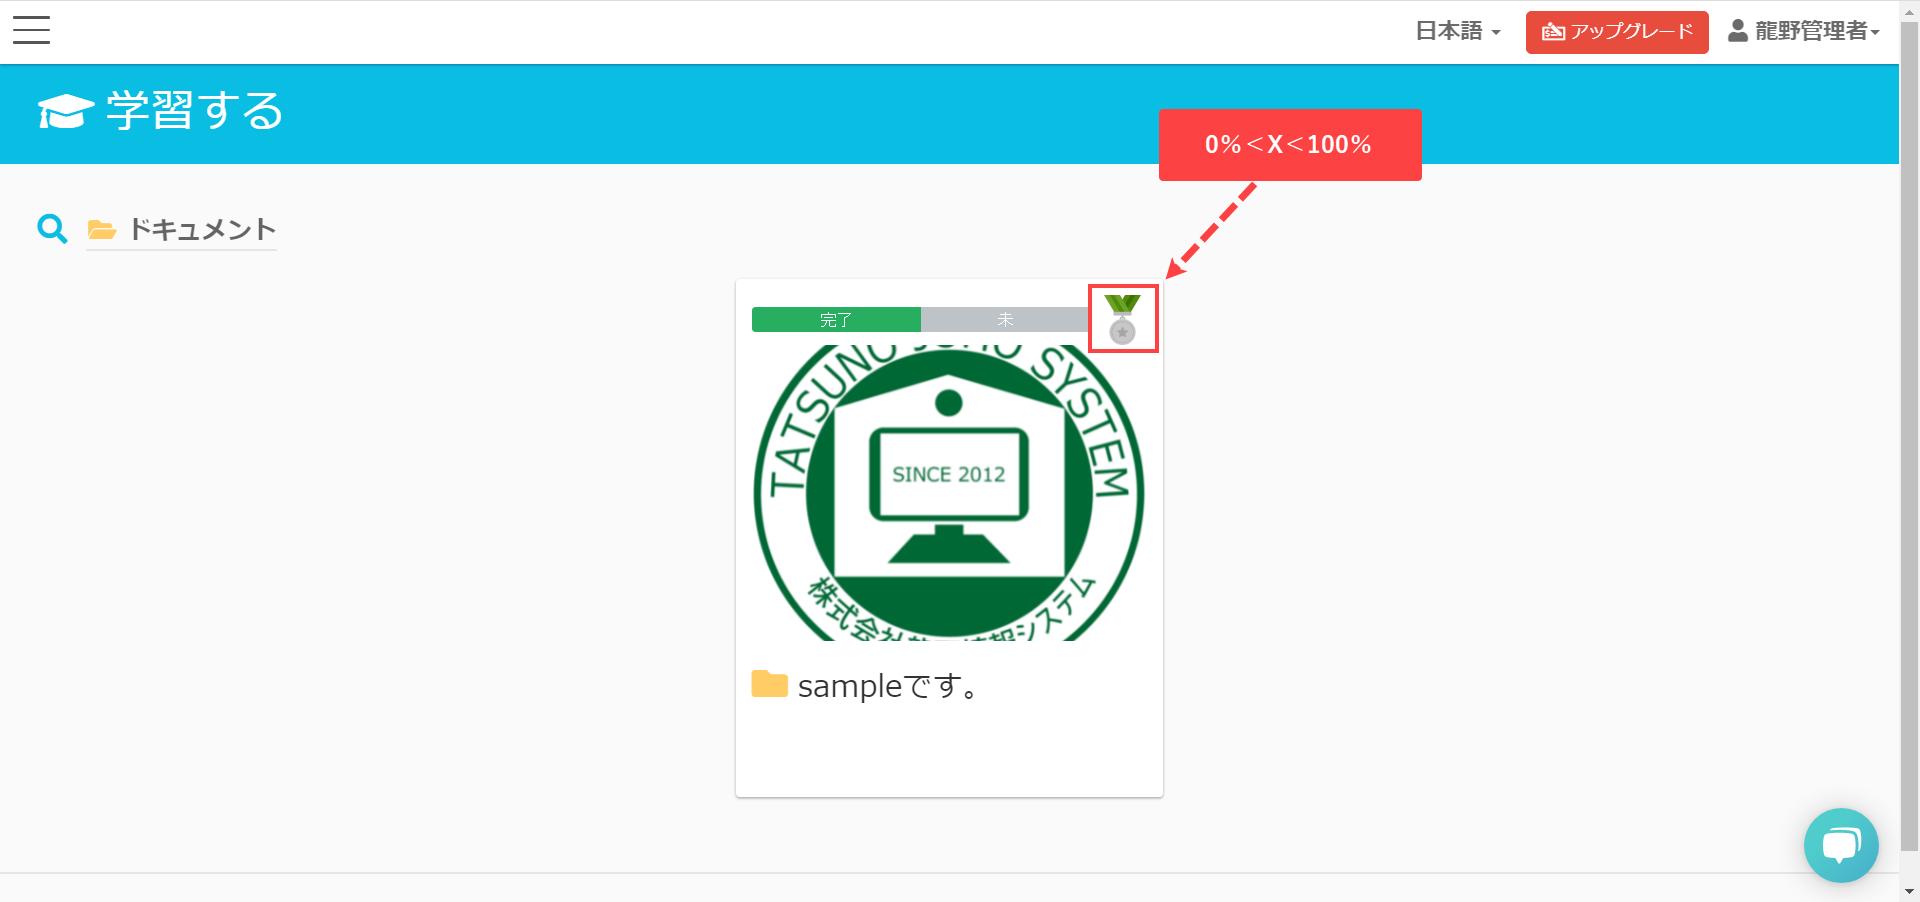 Folder - Badge Management Settings